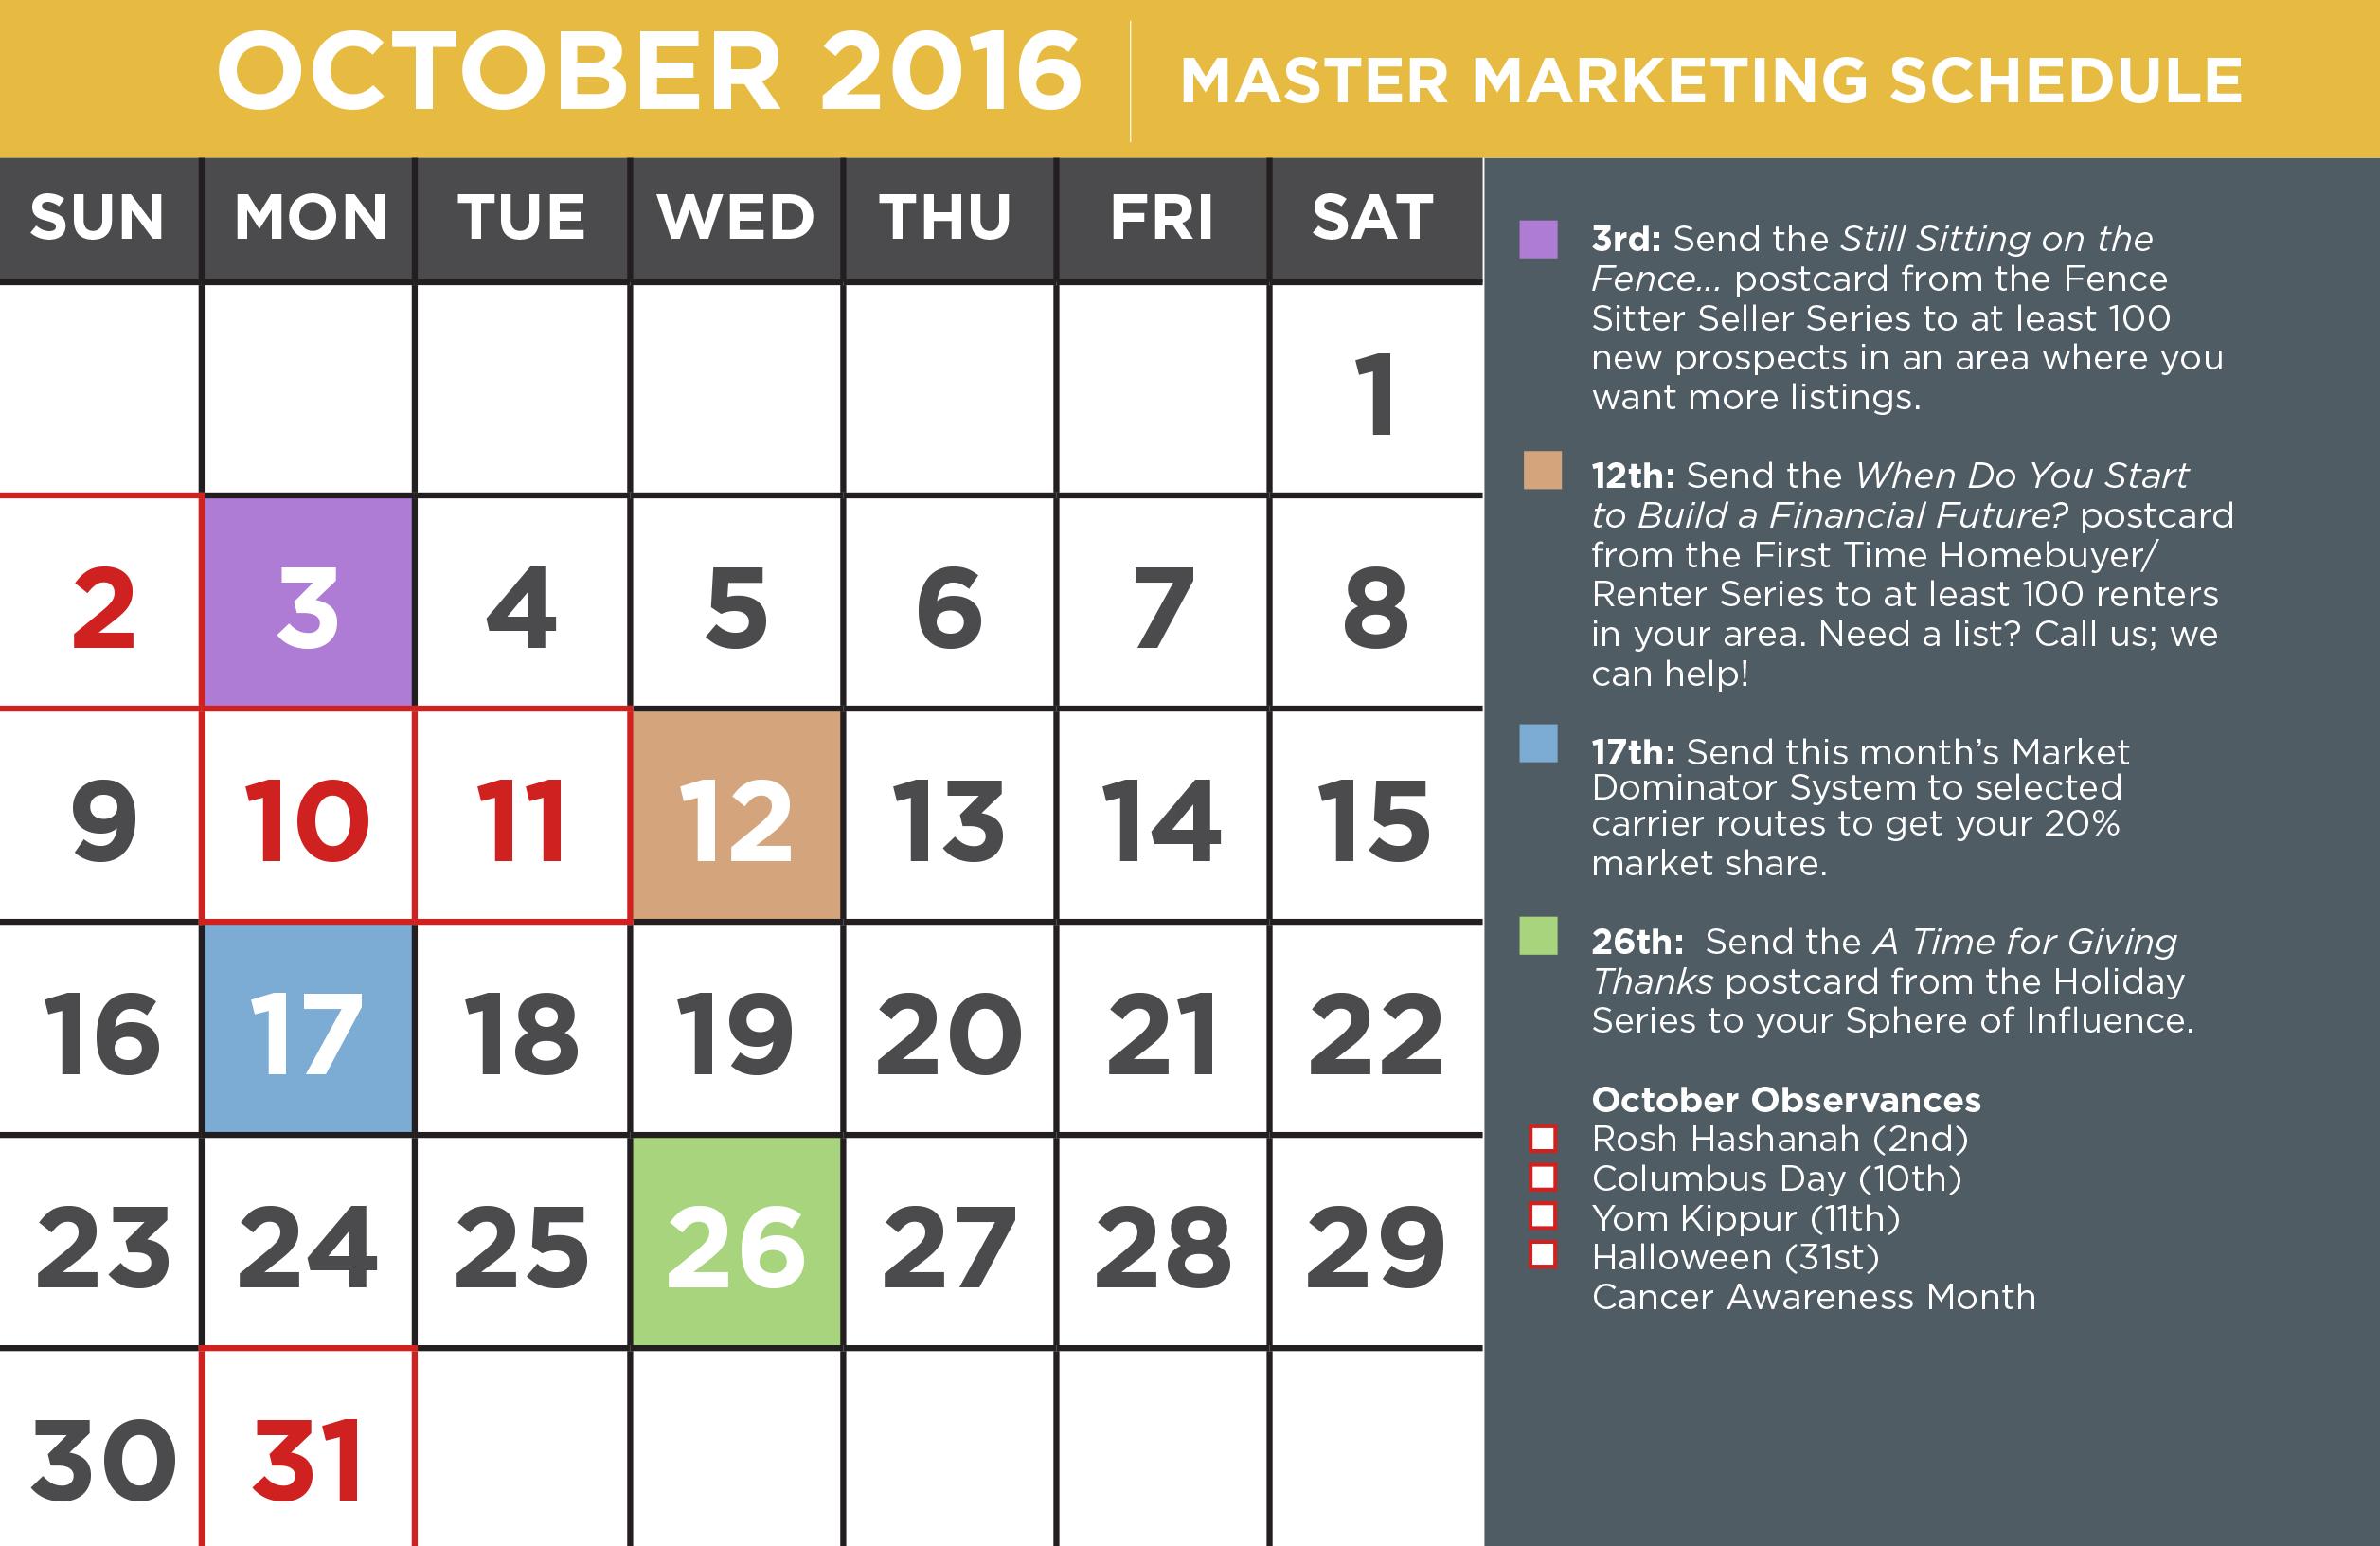 MasterMarketingCalendar_10_OCTOBER